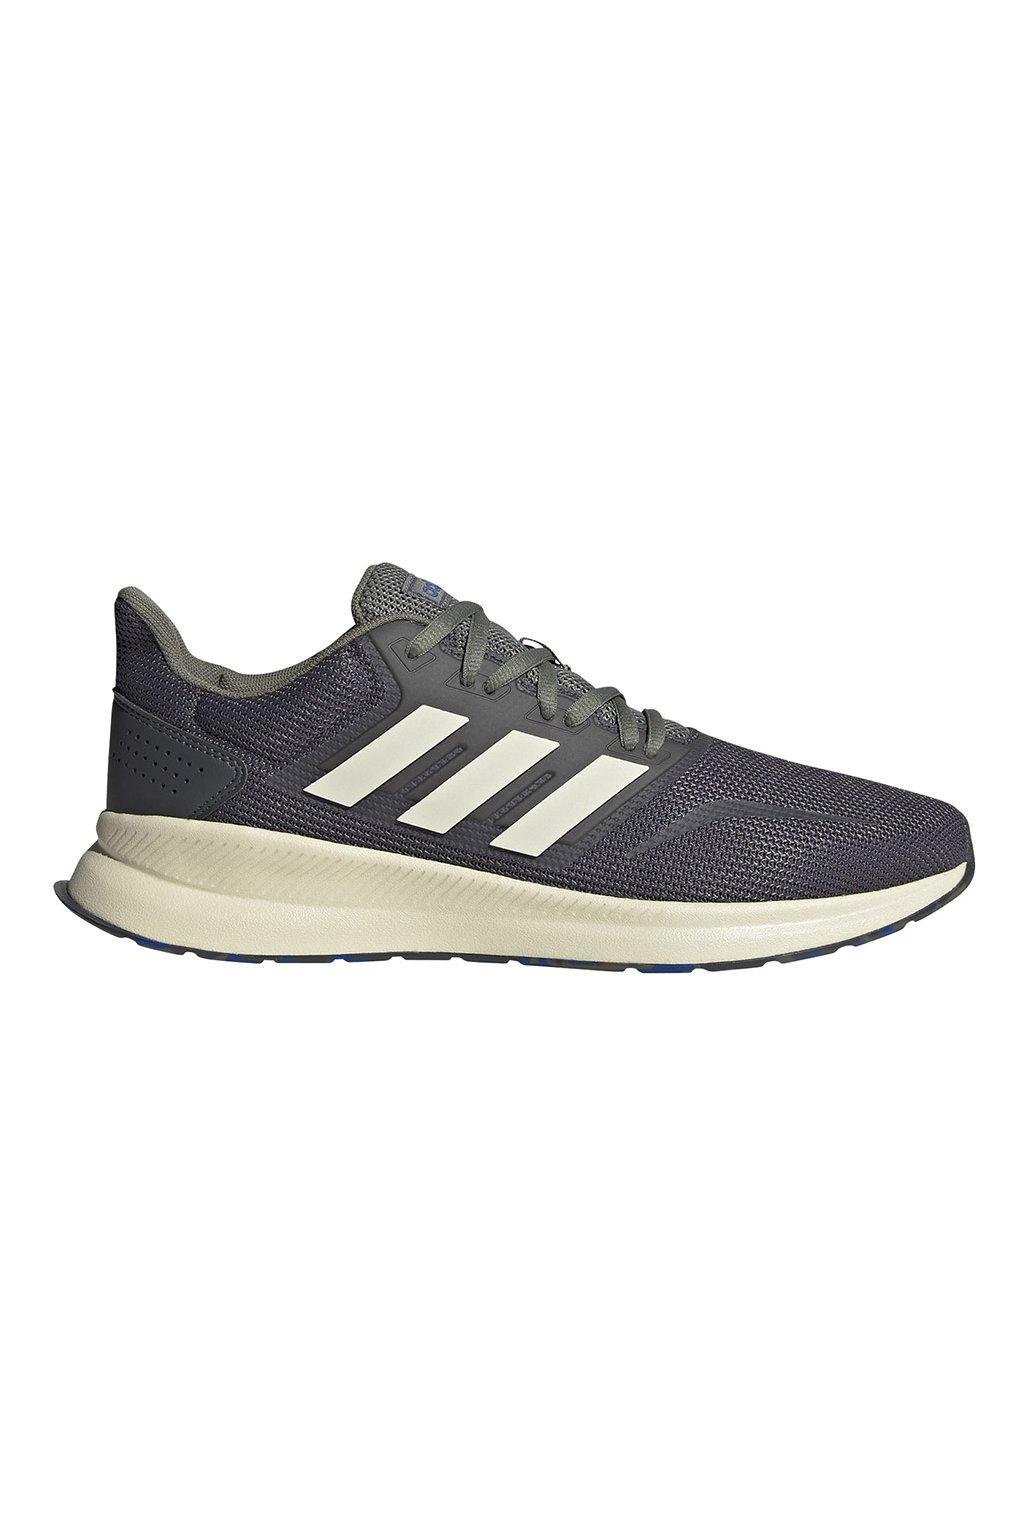 Pánska športová obuv Adidas Runfalcon EG8617